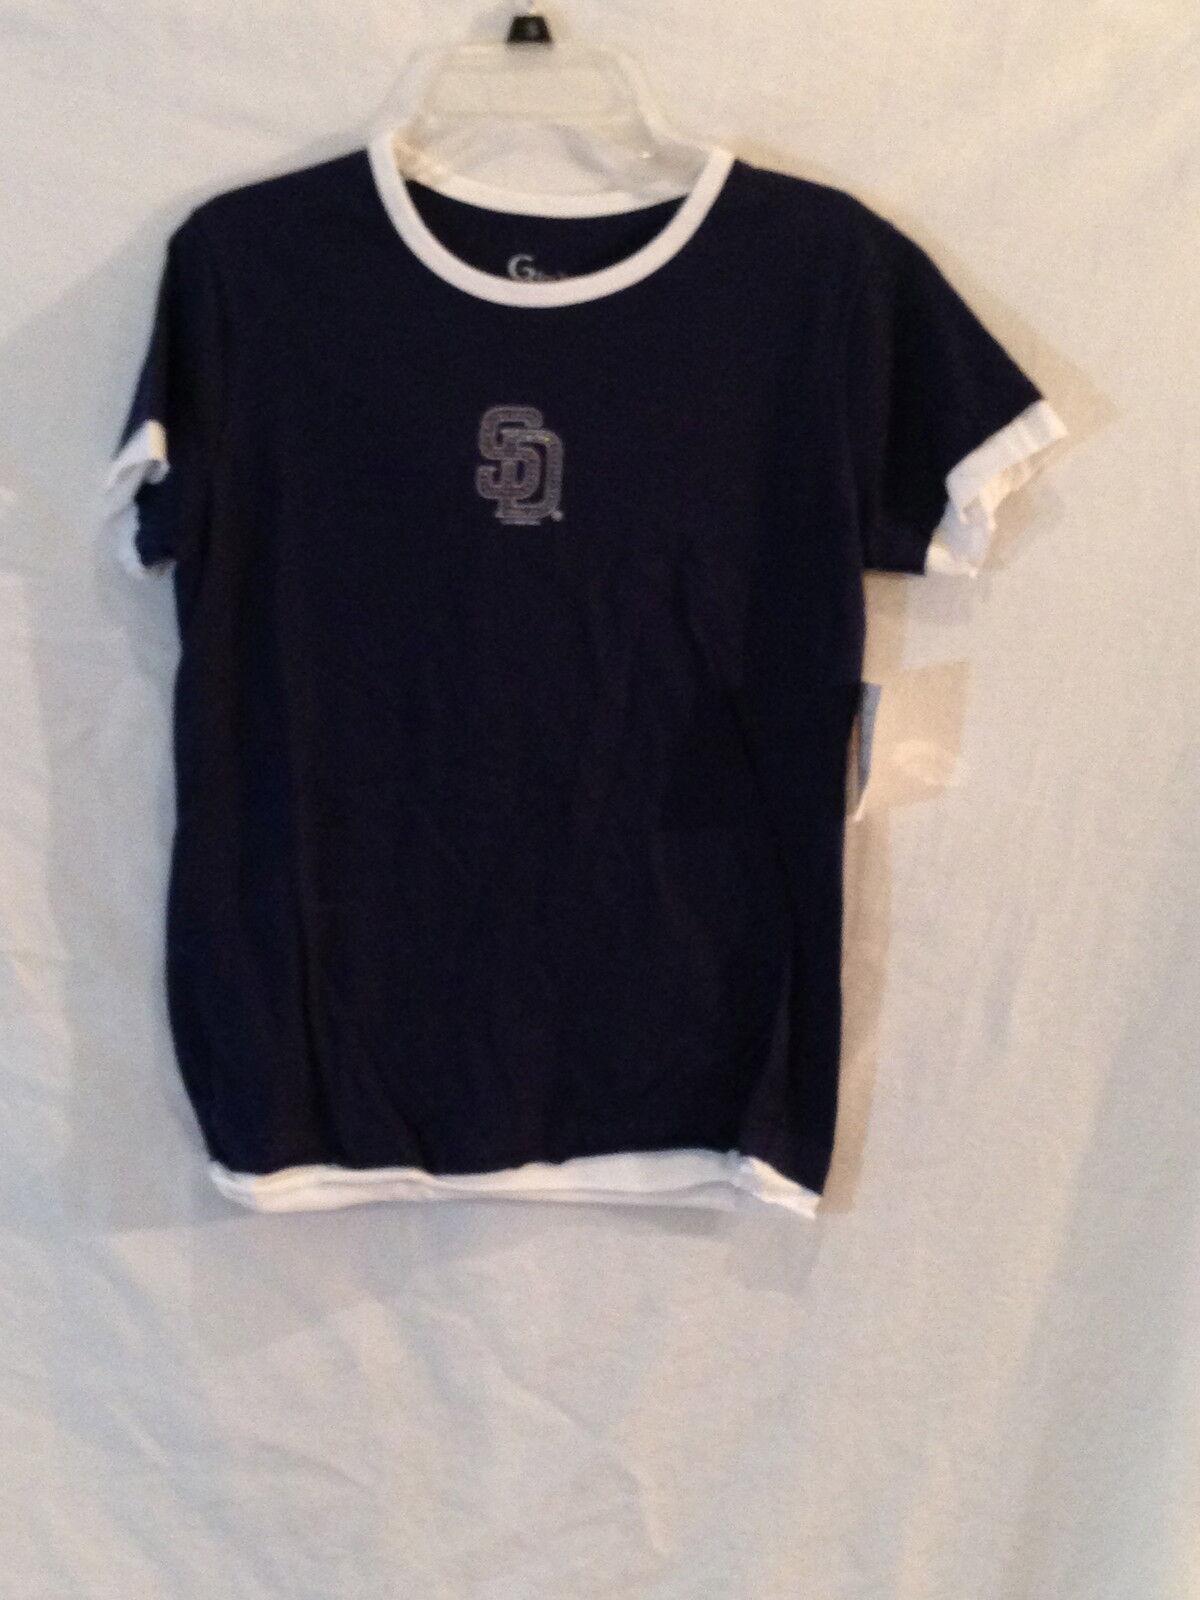 San Diego Padres Damen Damen Damen T-Shirt mit Mini-Sequins-Mlb Friar-Wear für Her-Small b90433